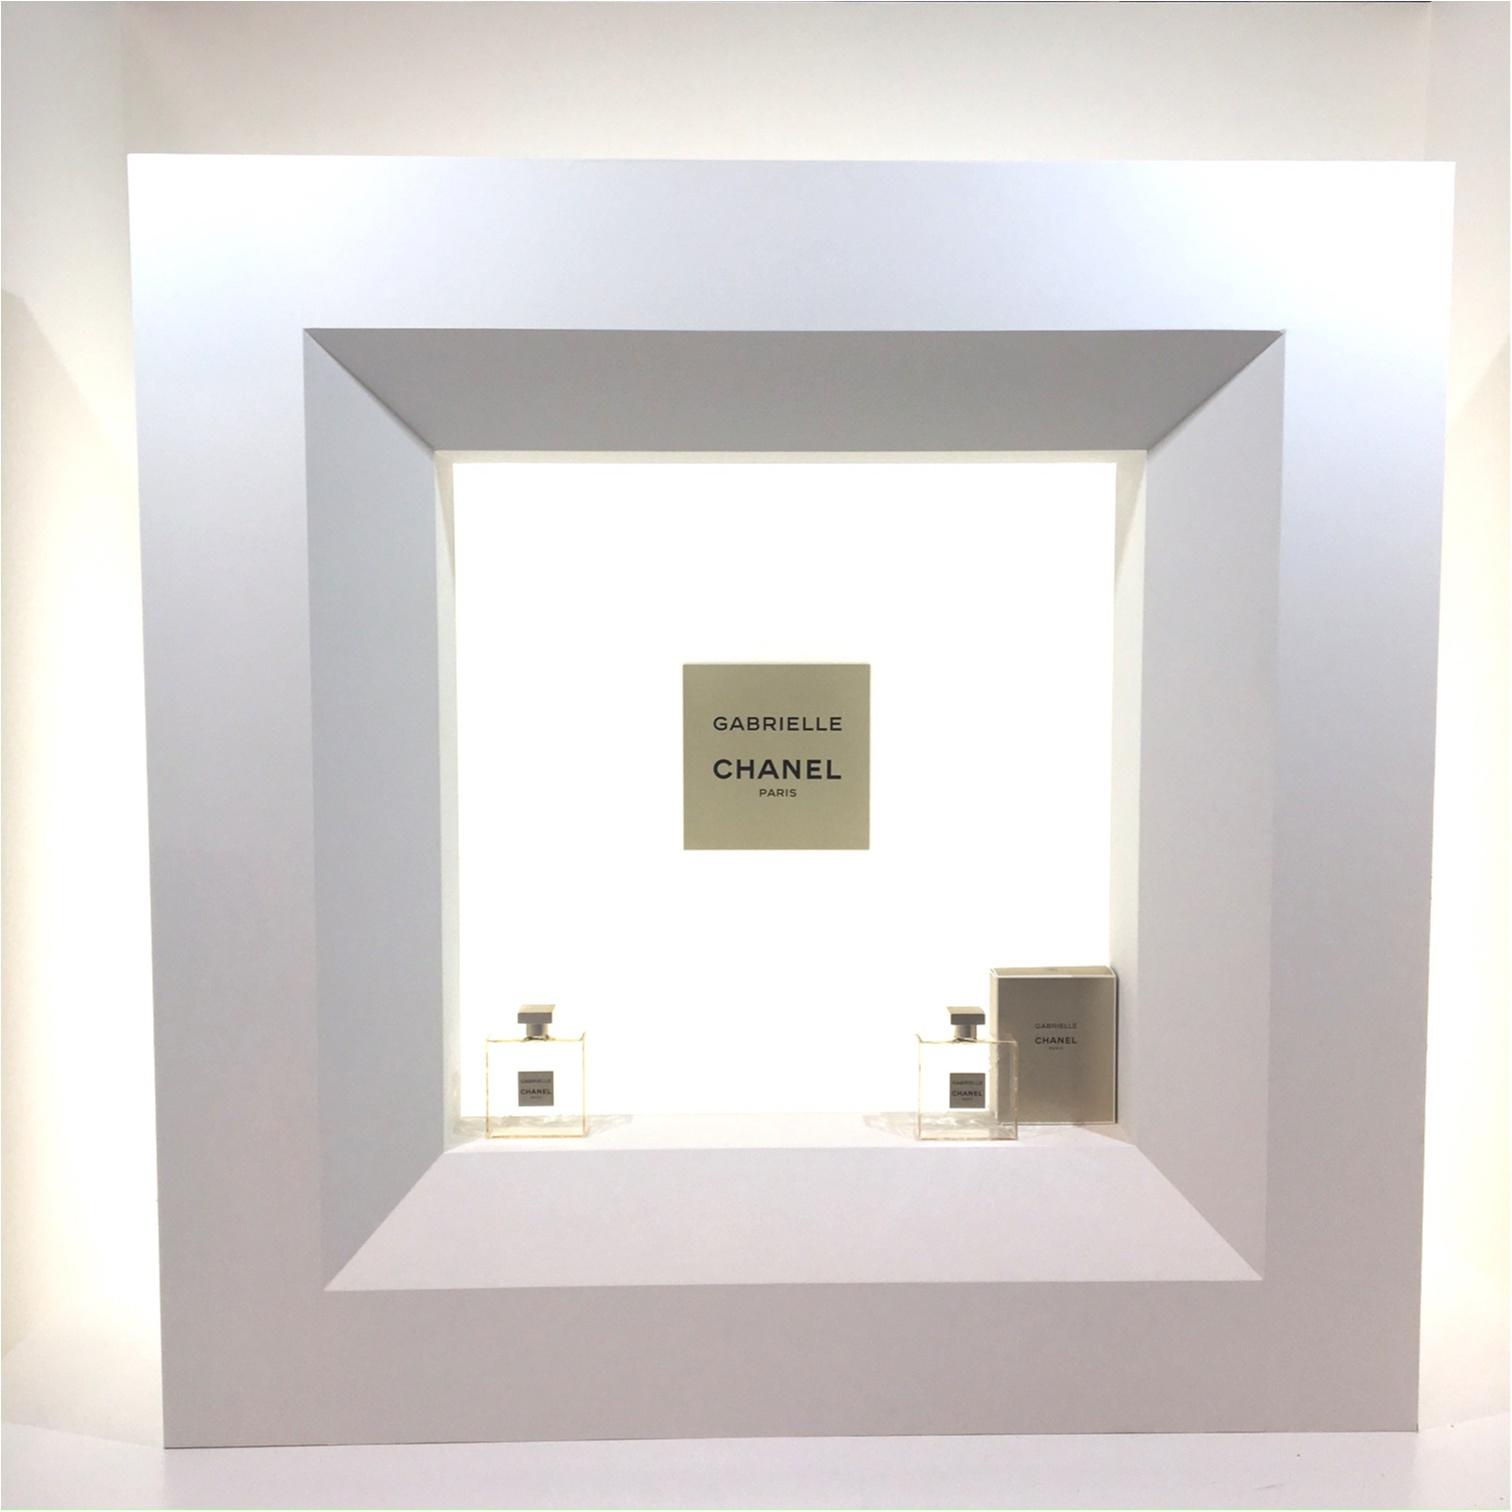 「ガブリエル シャネル」の香りを体感できるイベントスペースが、東京ミッドタウンに登場! SNS映え間違いなしの、美しすぎる空間をご覧あれ♡_1_4